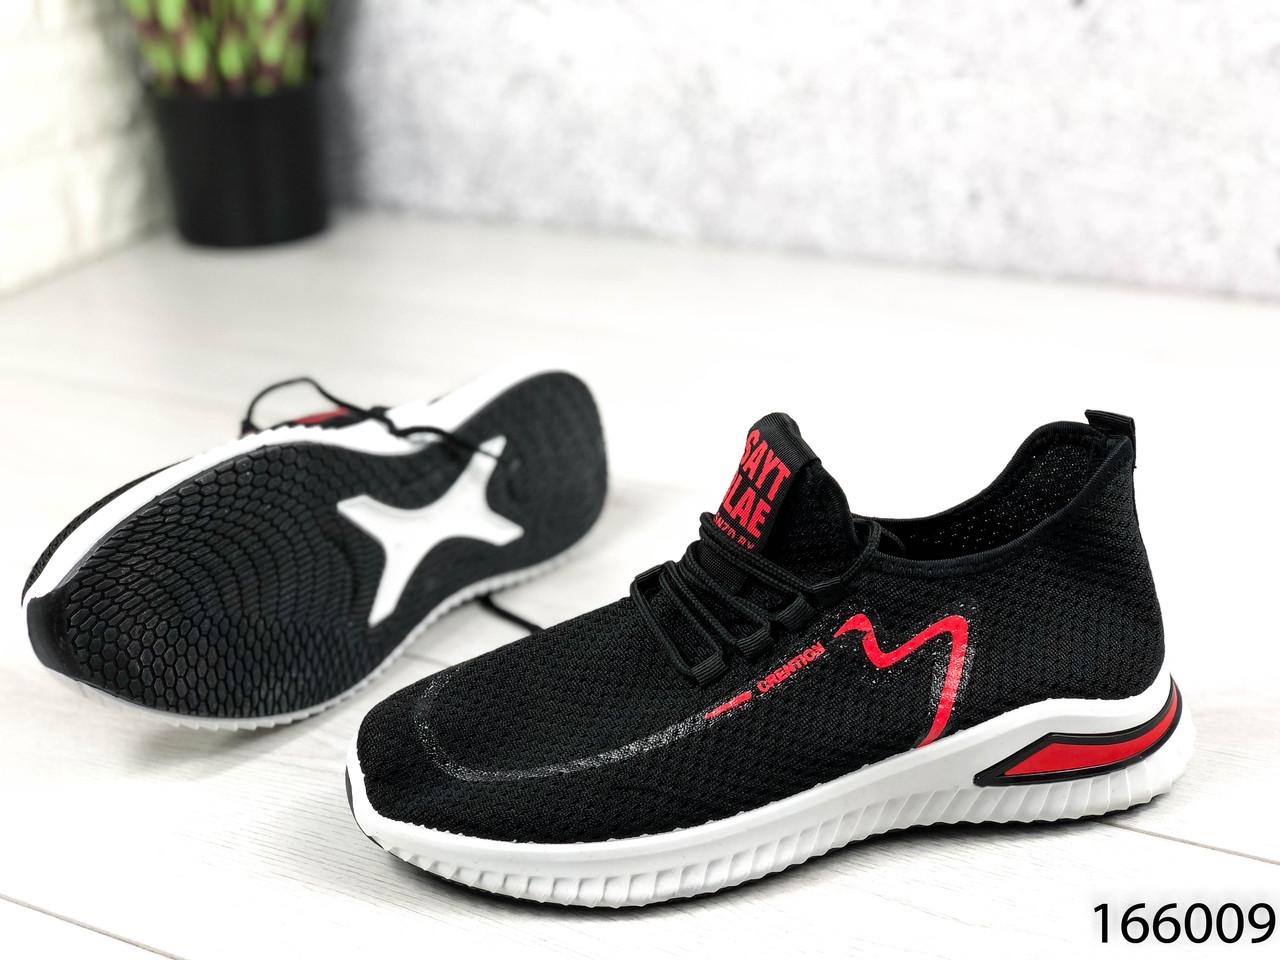 Стильні Кросівки чоловічі чорні з червоним тканинні на шнурках